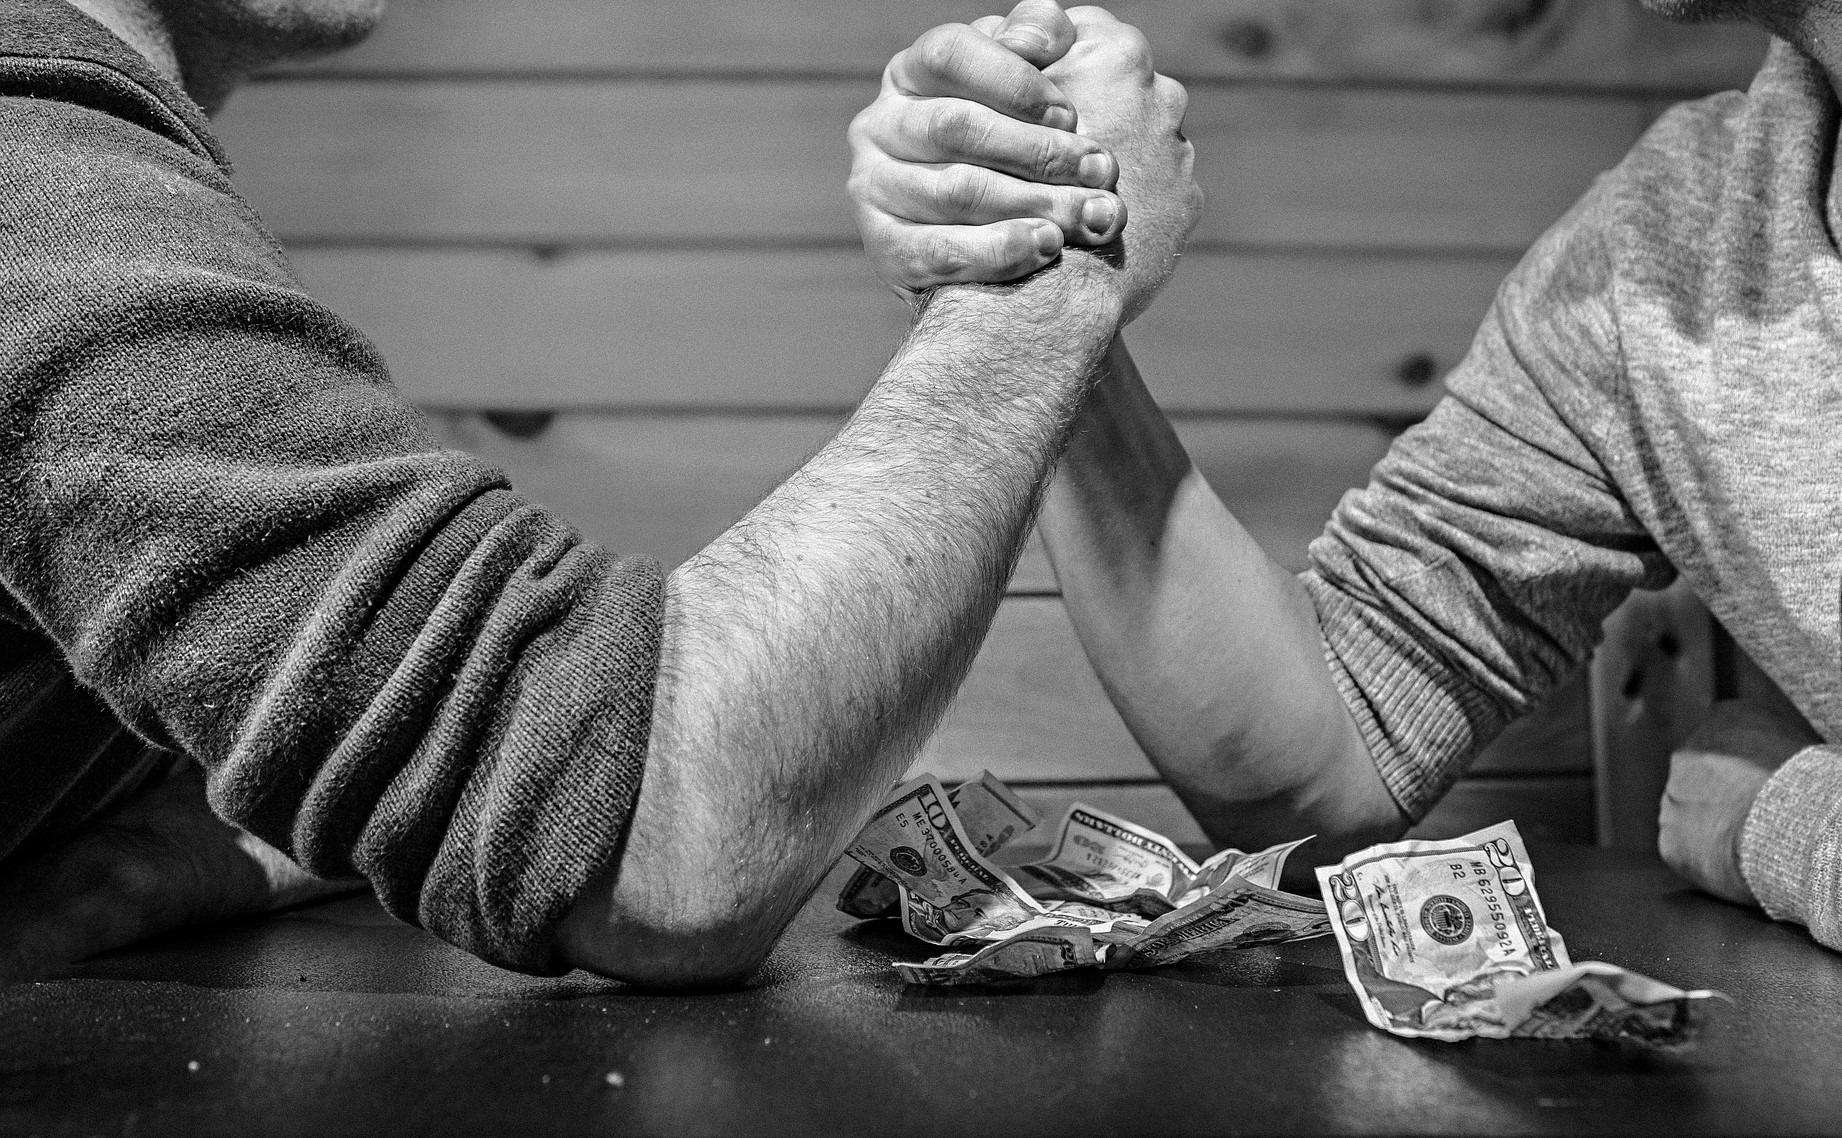 Rémunération indue, combien doit rembourser le travailleur